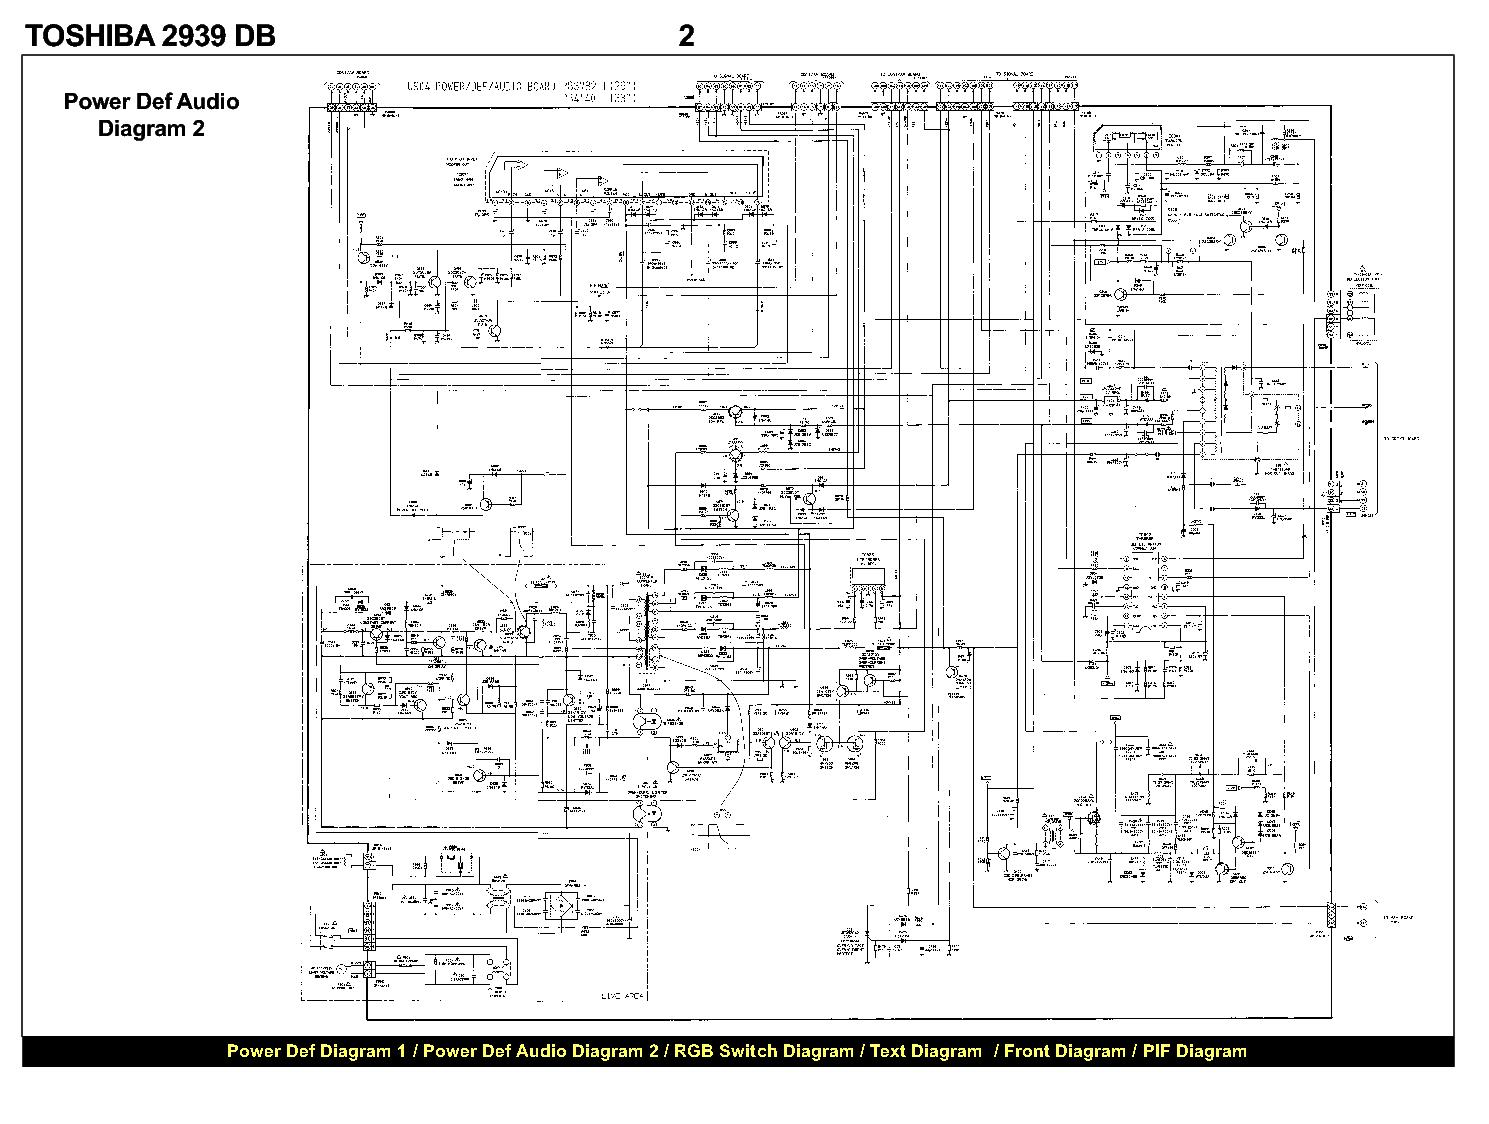 TOSHIBA 2939DB SCH Service Manual download, schematics